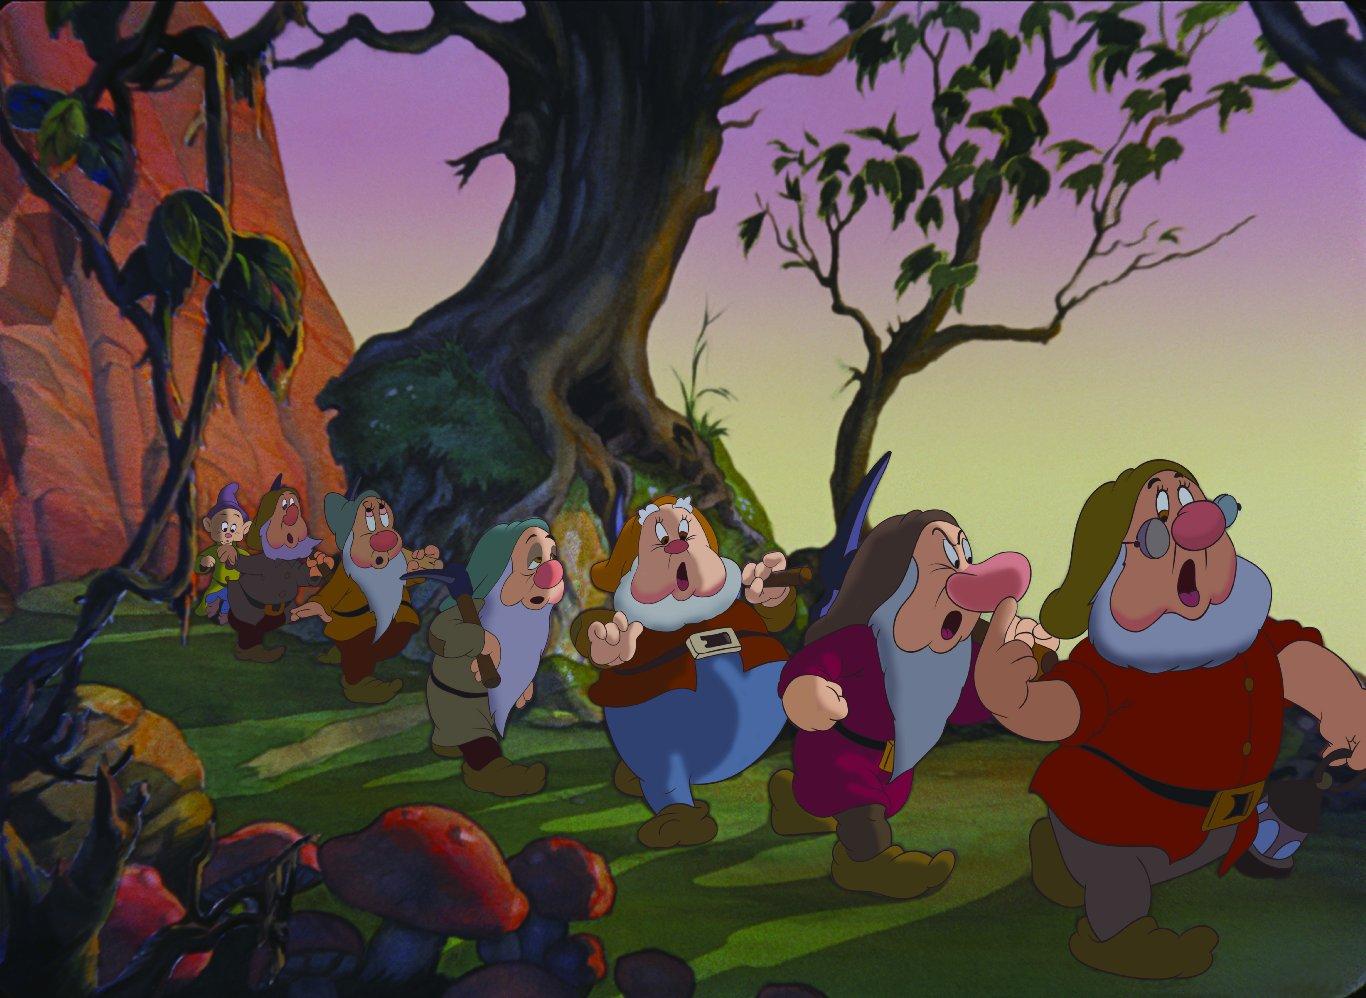 Картинки мультфильма белоснежка и семь гномов